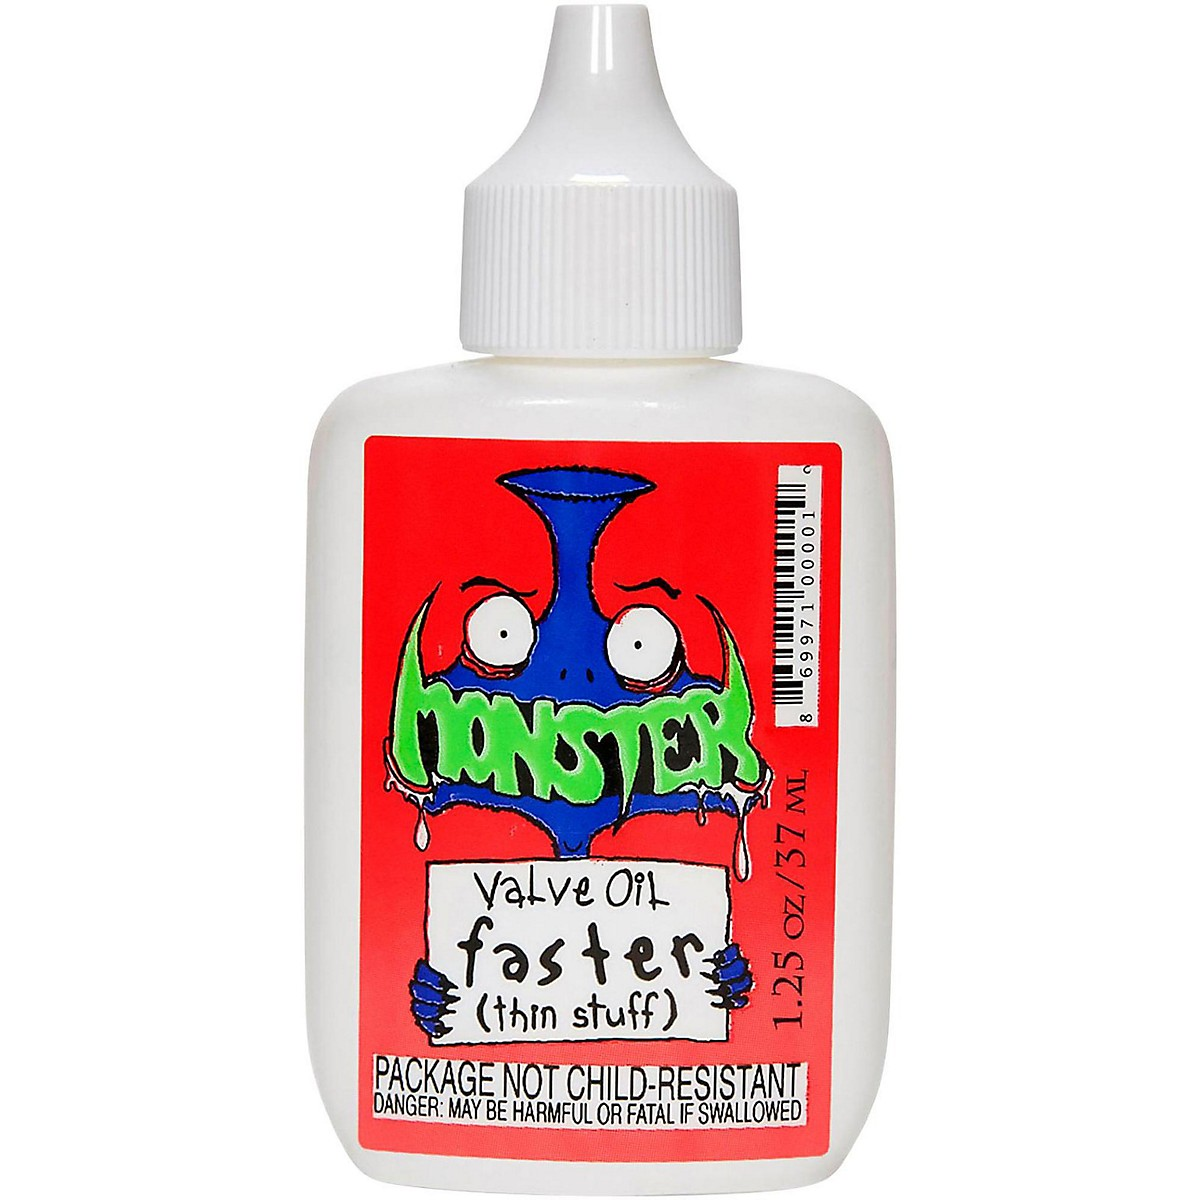 Monster Oil Faster Synthetic Valve Oil